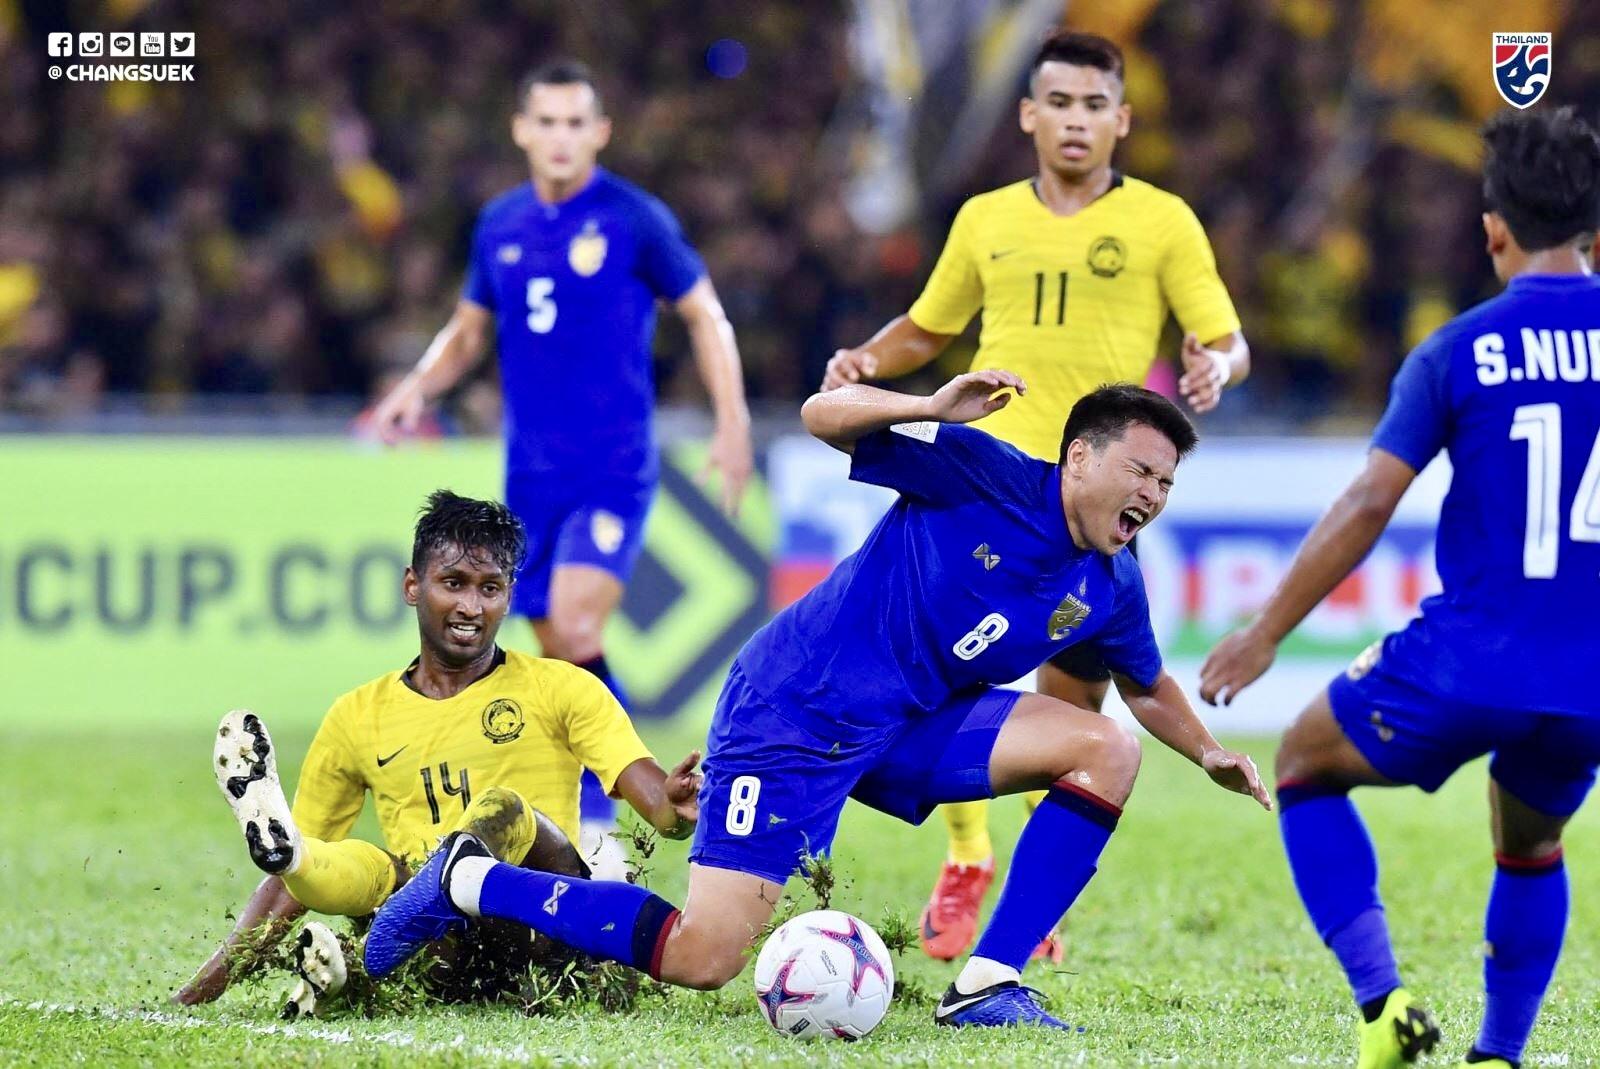 Thái Lan, Asian  Cup 2019, VTV6, truc tiep bong da, trực tiếp bóng đá hôm nay, Asian Cup 2019, lịch thi đấu Asian Cup 2018, lịch thi đấu bóng đá hôm nay, Việt Nam, xem VTV6, bong da, Iraq, Iran